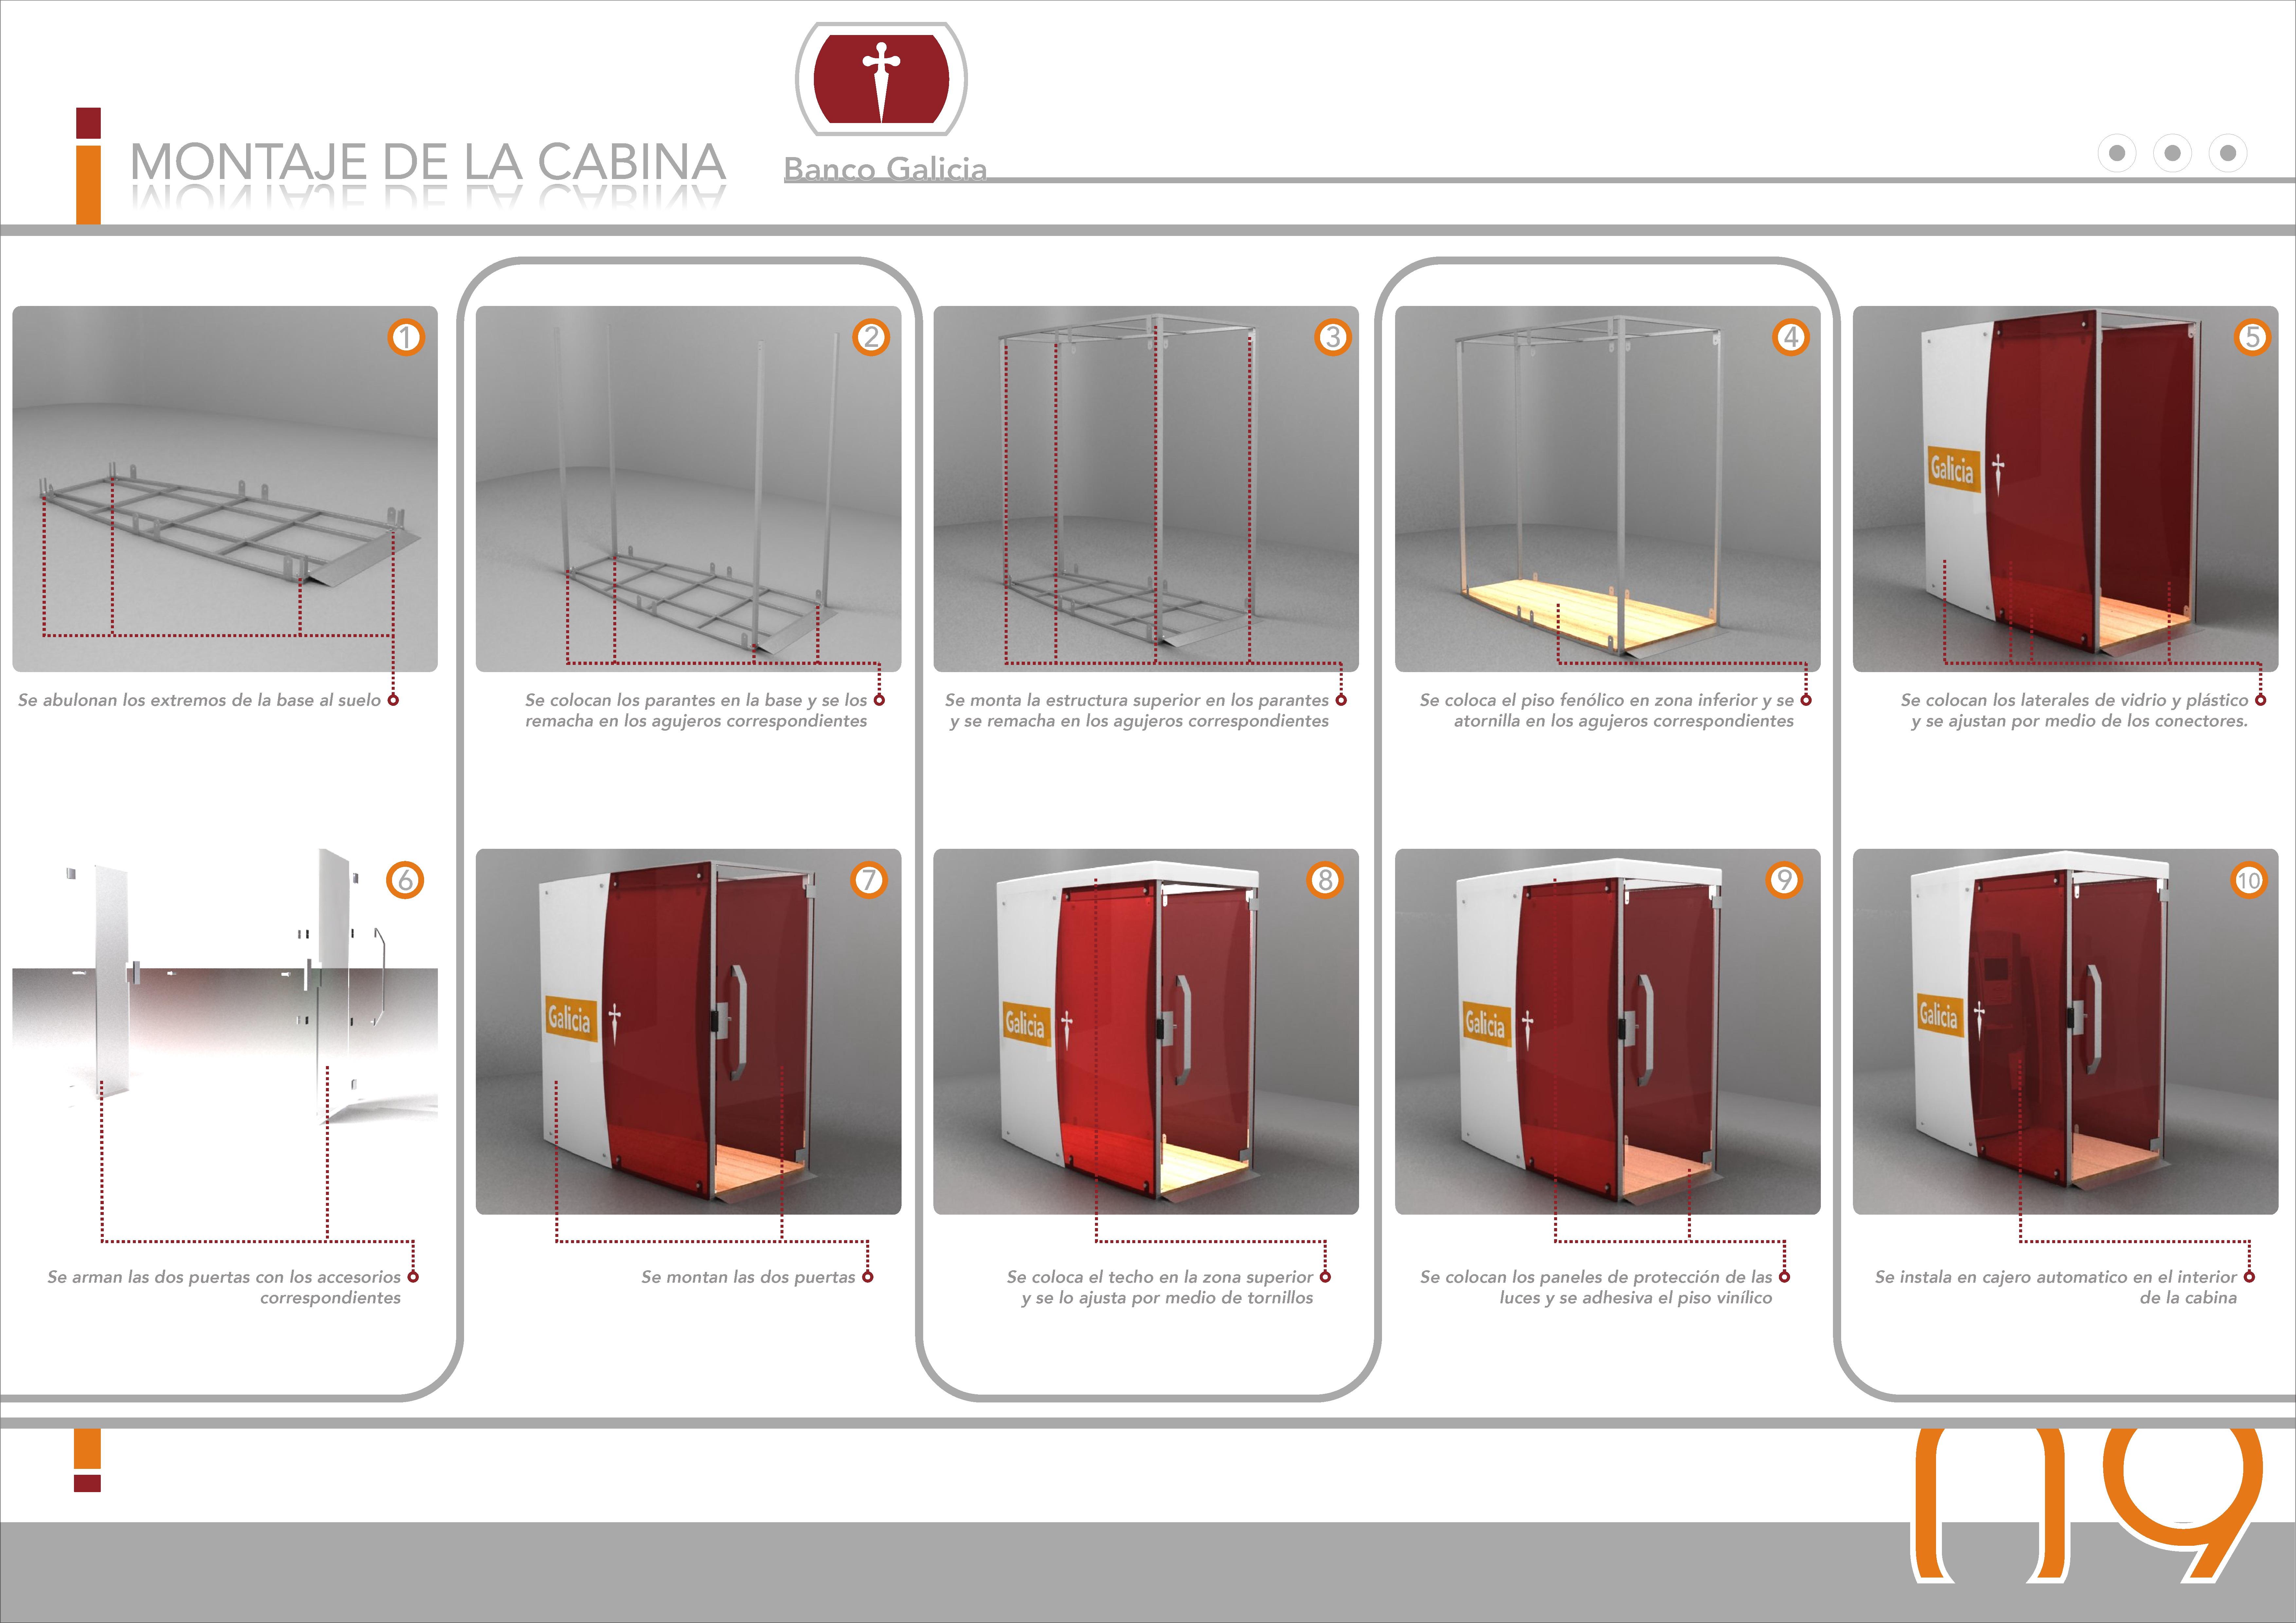 cajero automatico para banco galicia by matias rodriguez